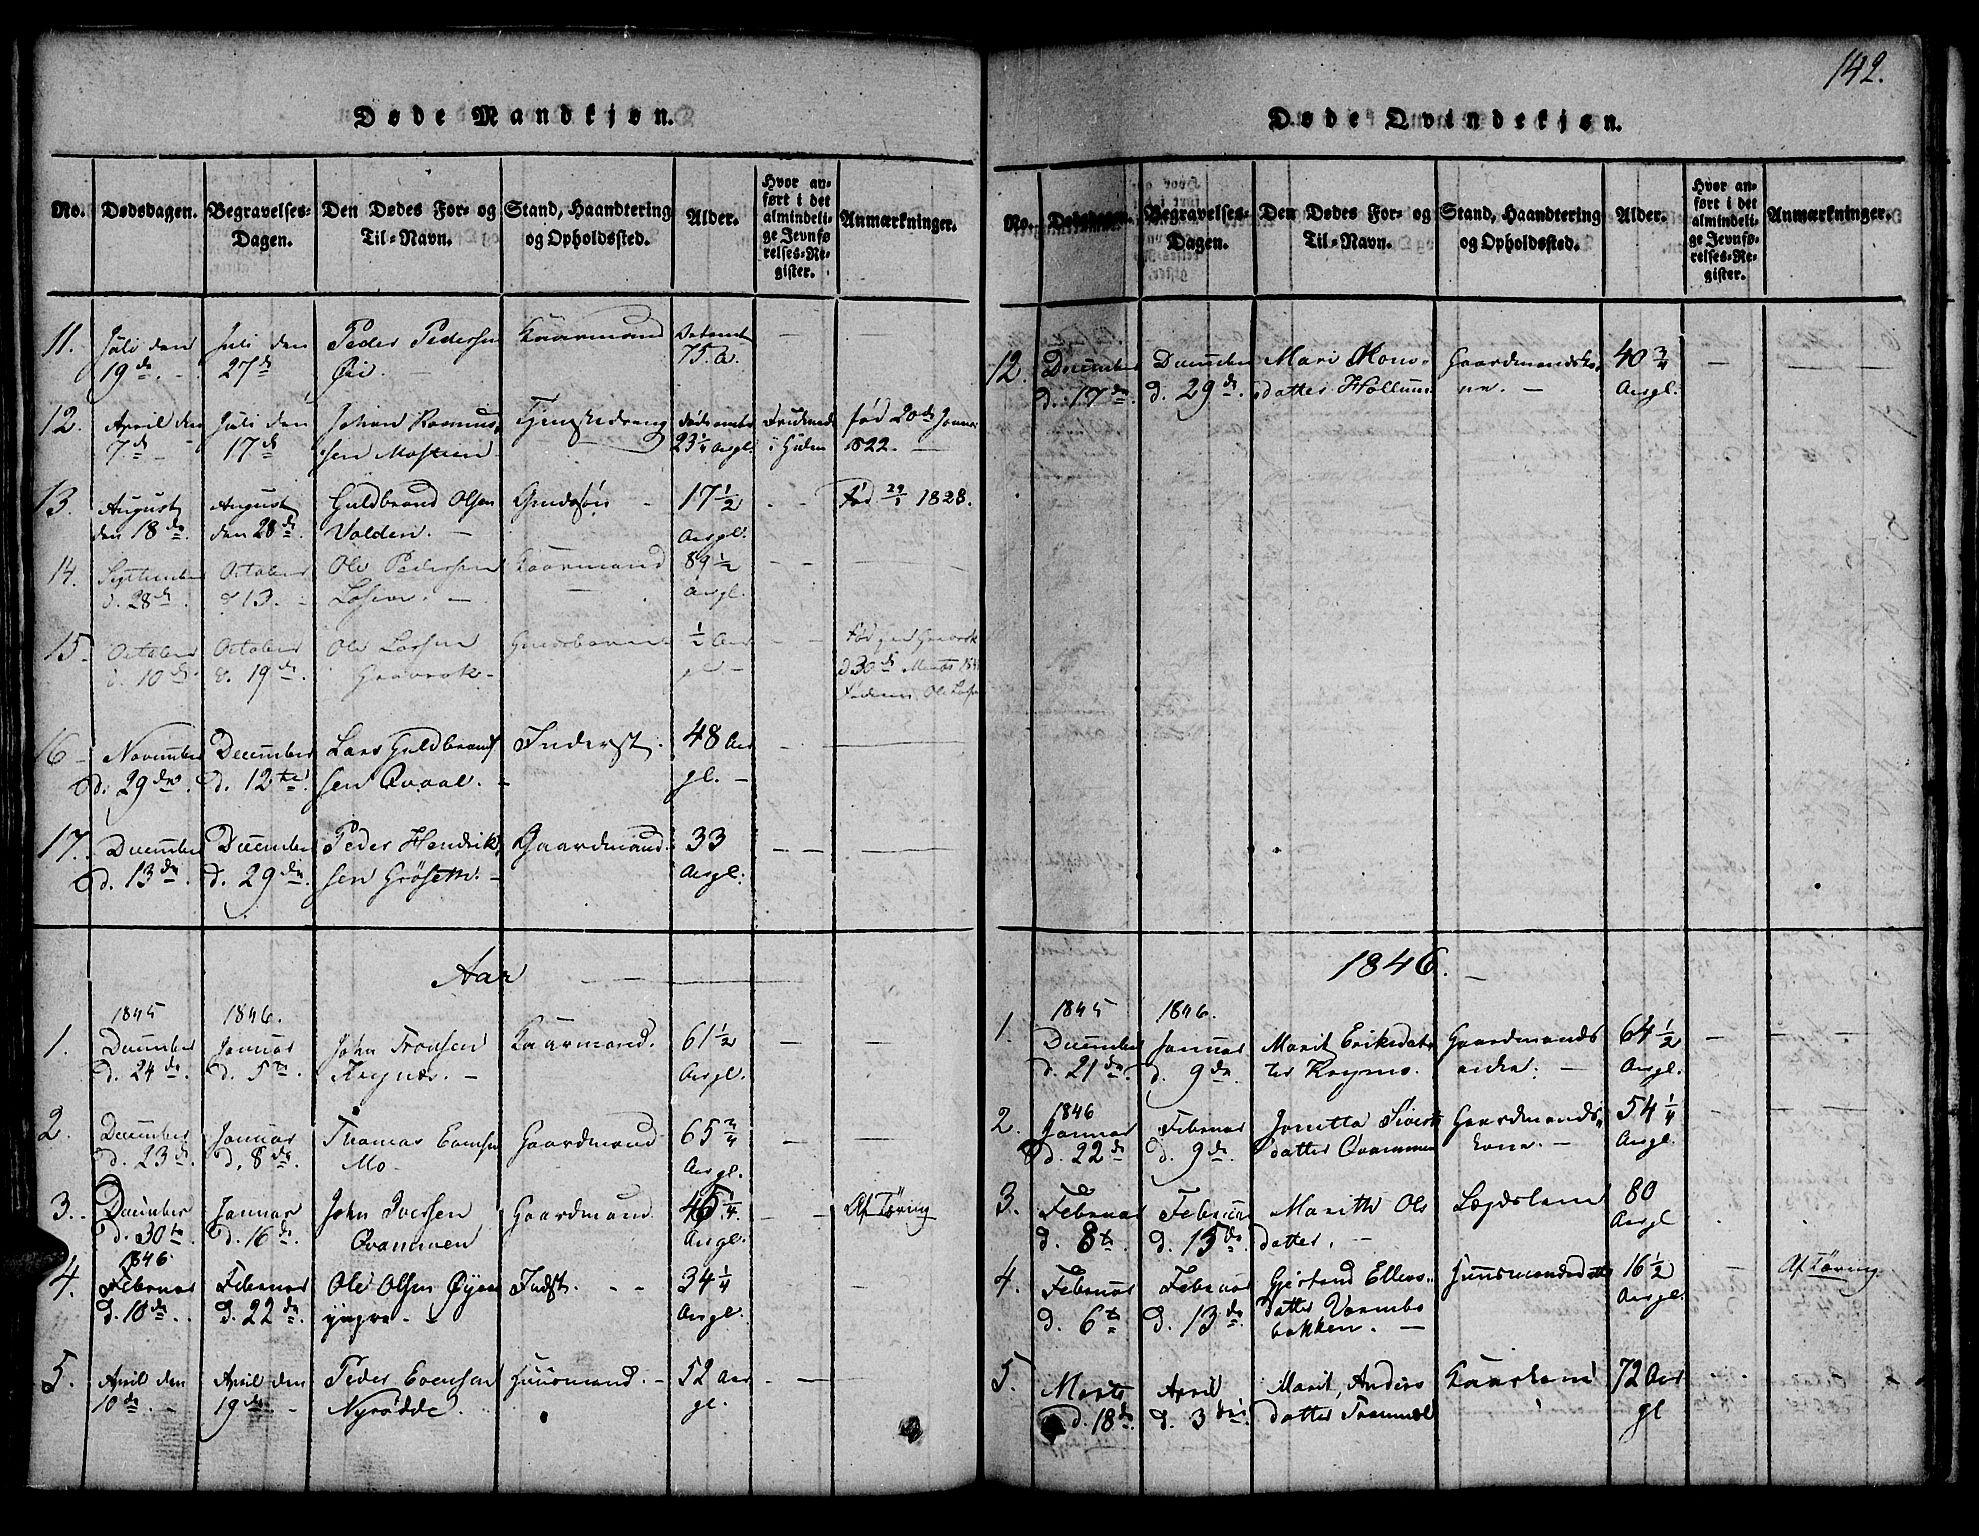 SAT, Ministerialprotokoller, klokkerbøker og fødselsregistre - Sør-Trøndelag, 691/L1092: Klokkerbok nr. 691C03, 1816-1852, s. 142